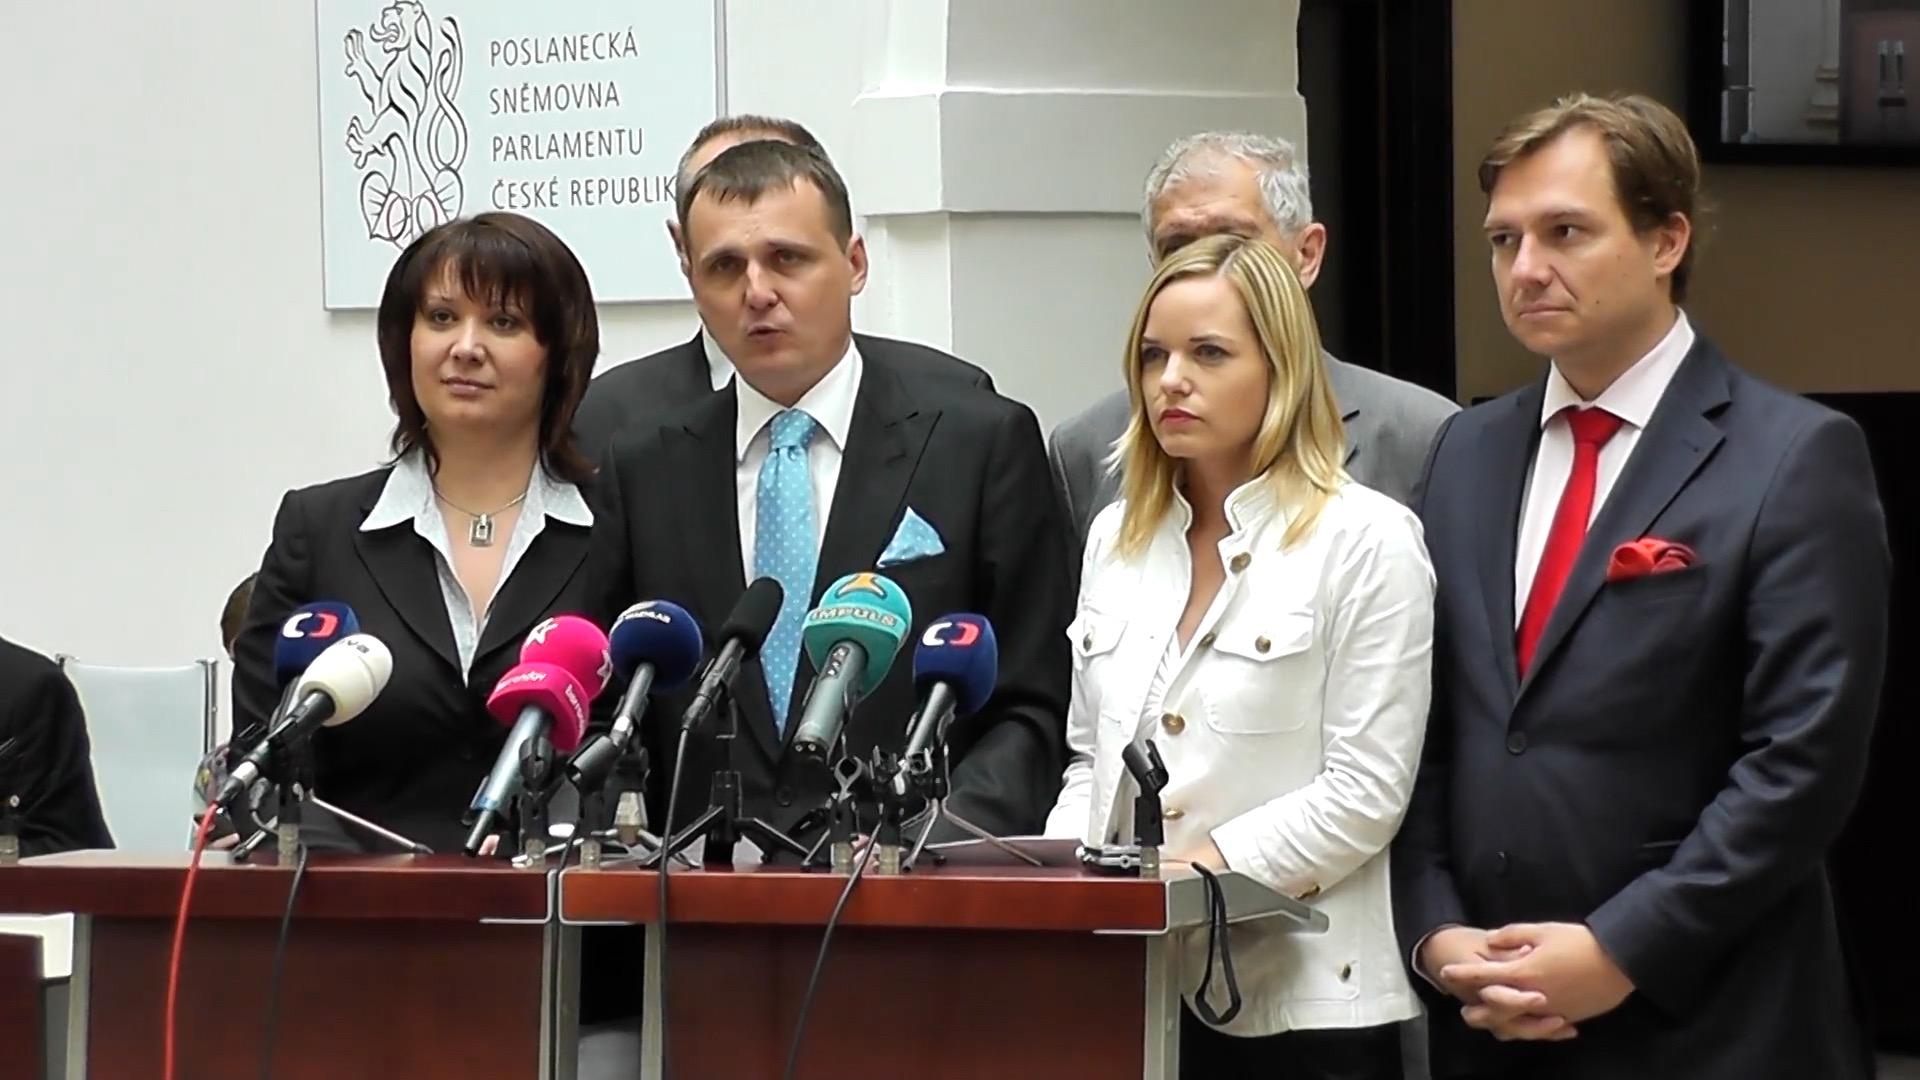 Vládní strana s pěti ministry brala finance z daňových podvodů s naftou